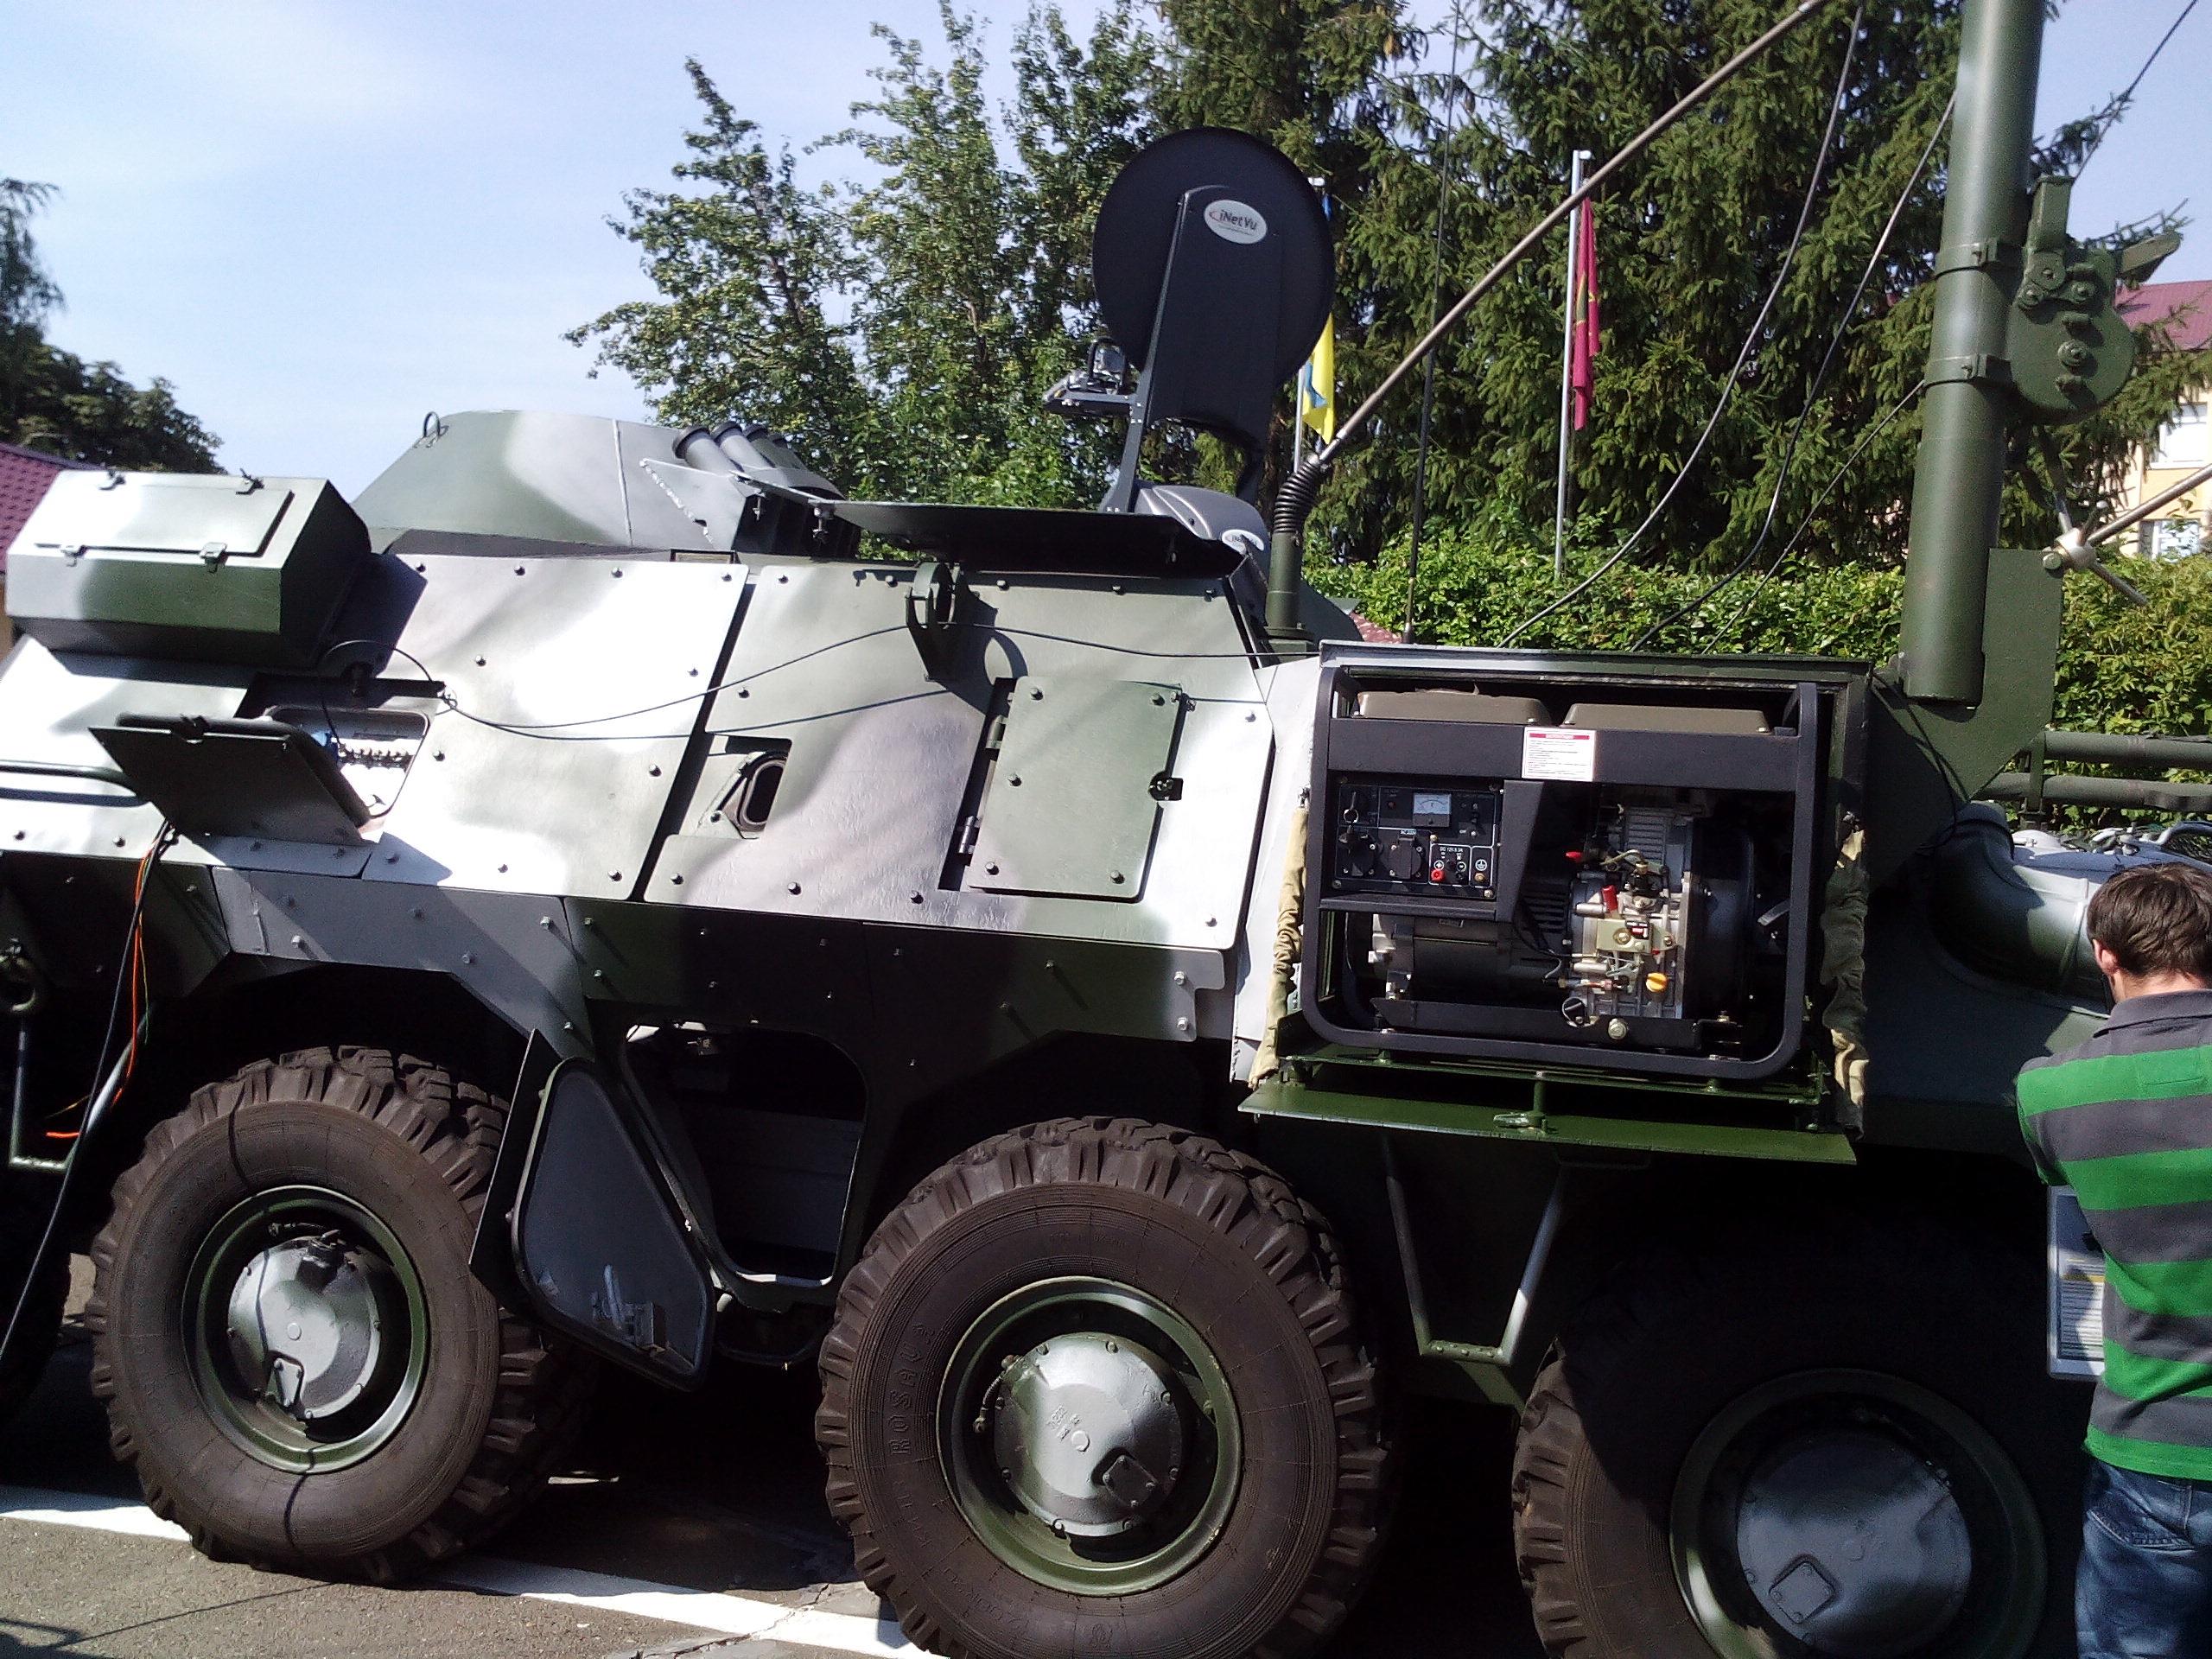 """Украинская армия сегодня - одна из сильнейших на континенте: """"ВСУ год назад и сейчас даже нельзя сравнивать"""", - Муженко - Цензор.НЕТ 7538"""